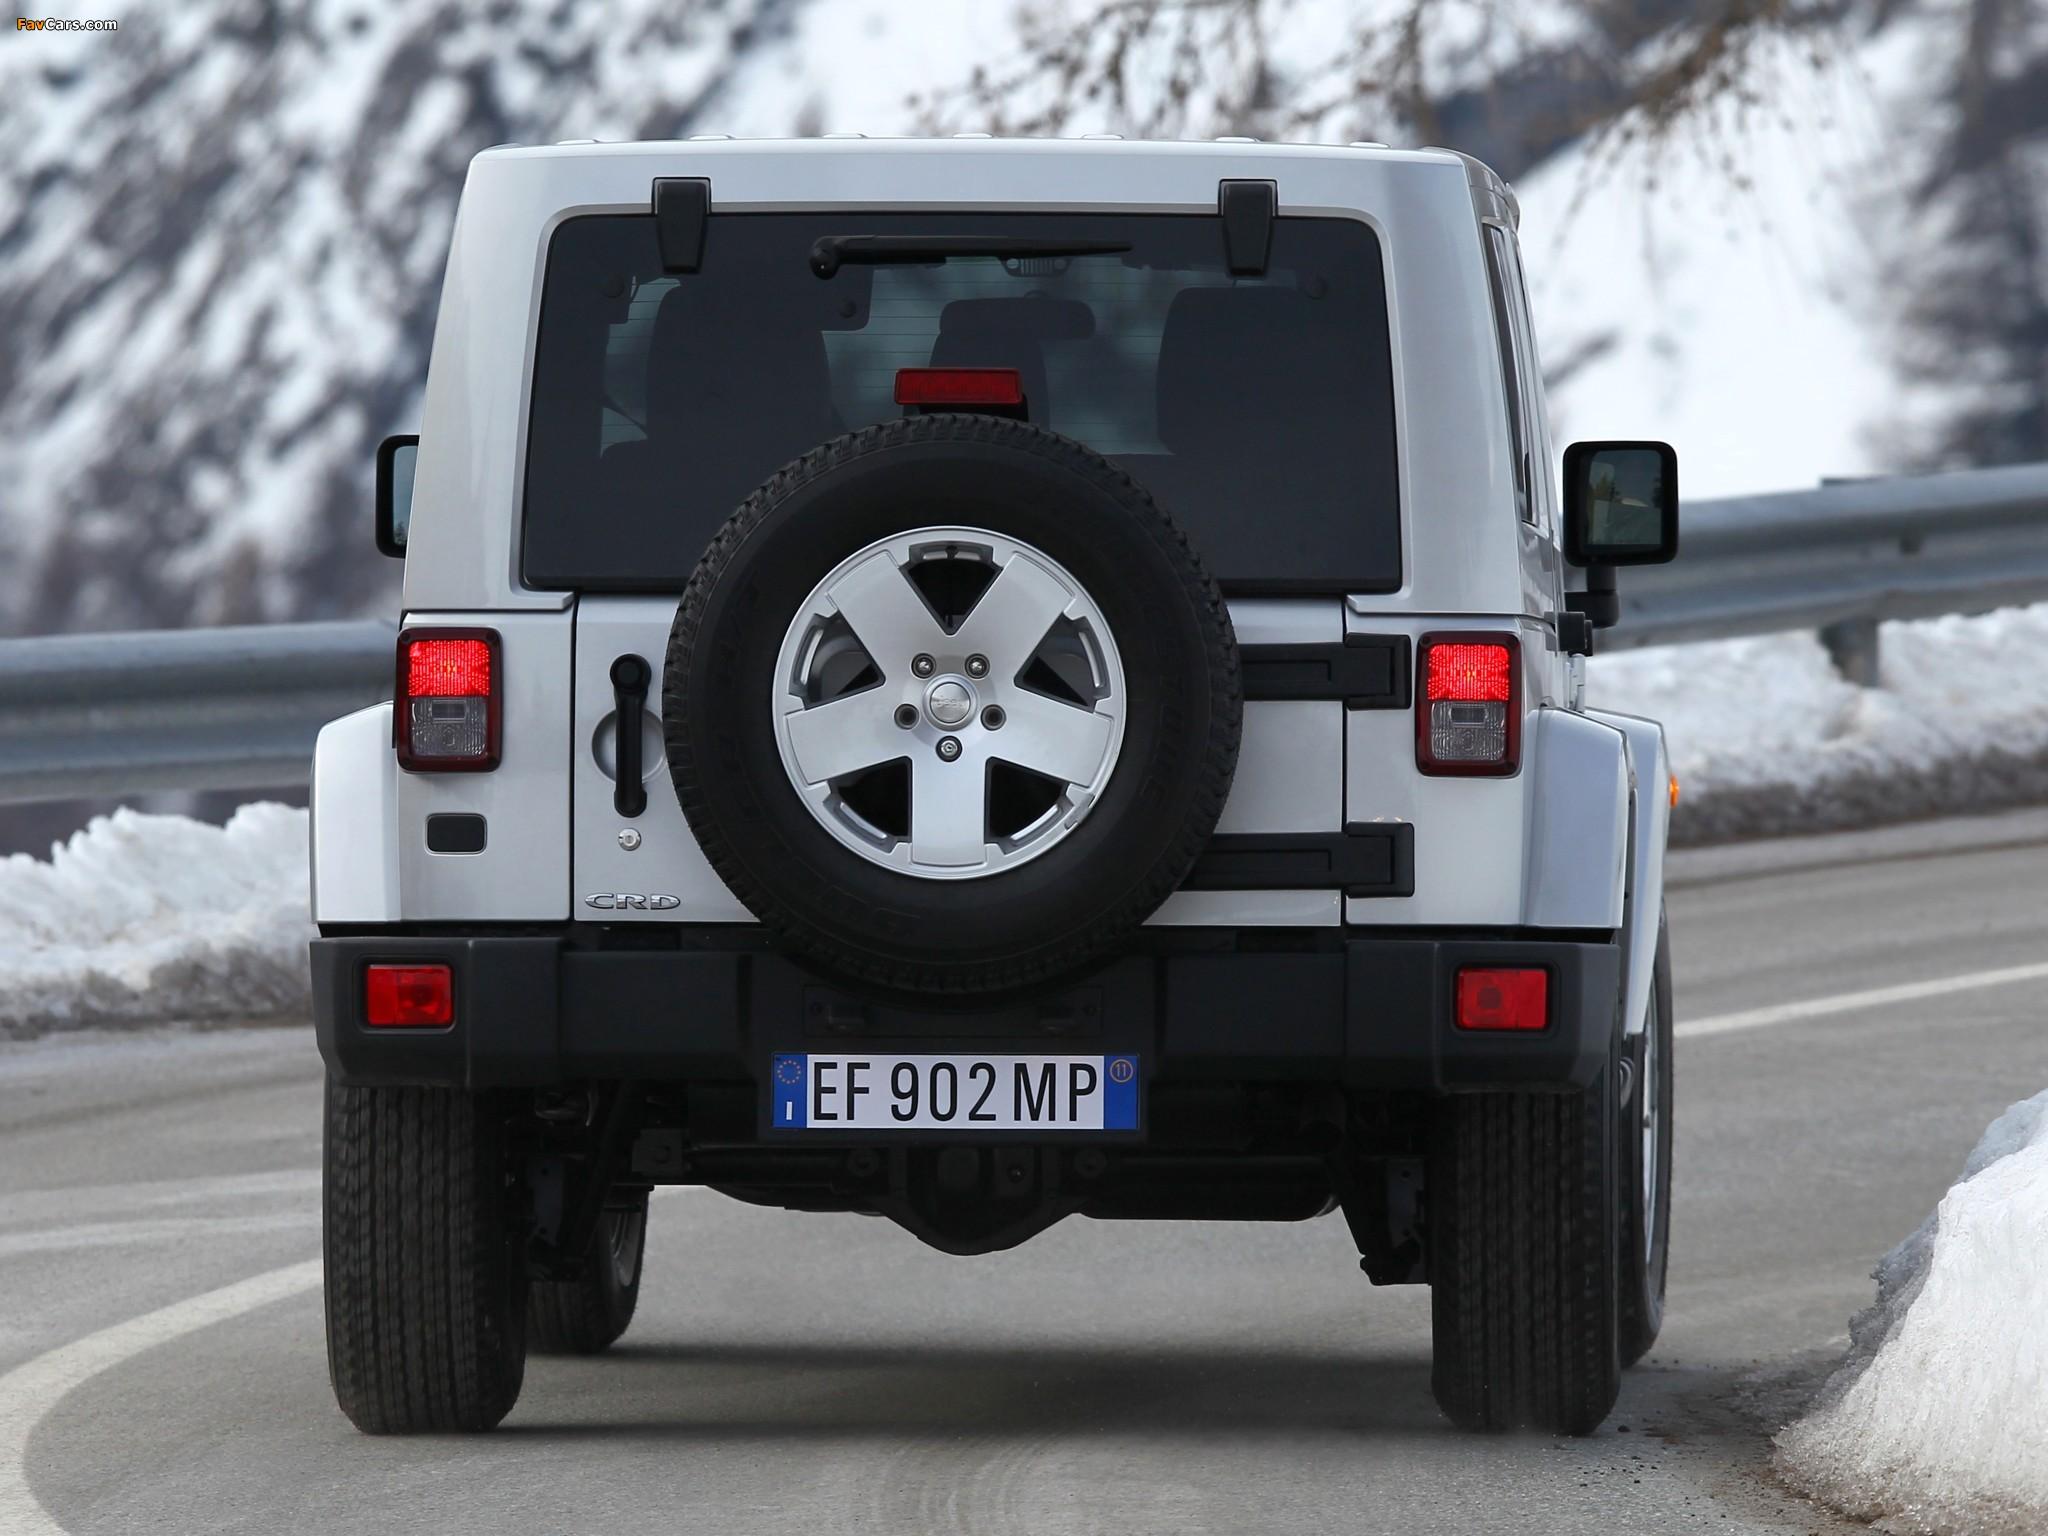 jeep wrangler sahara unlimited jk 2011 wallpapers. Black Bedroom Furniture Sets. Home Design Ideas